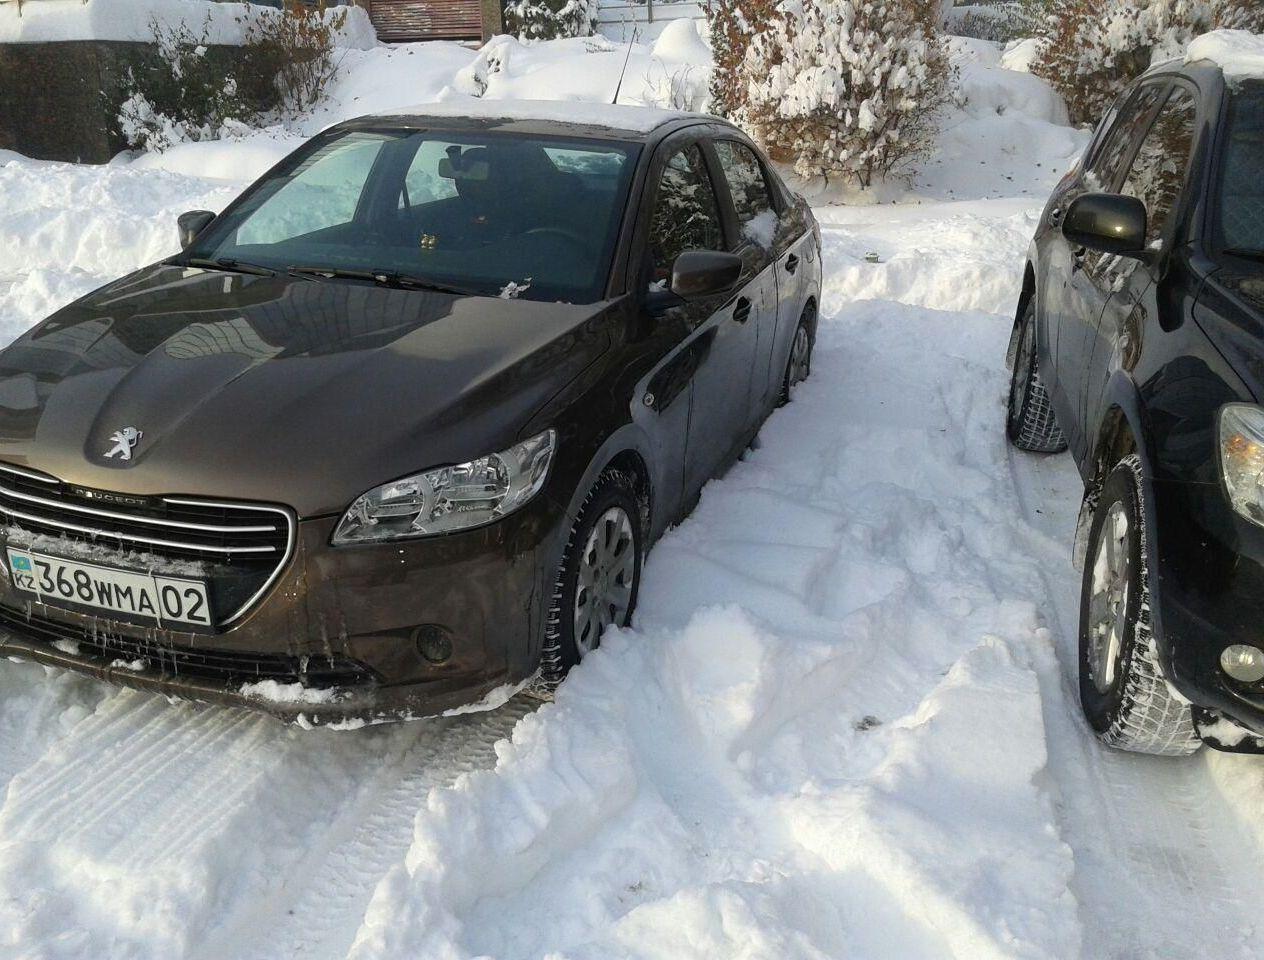 С резиной КАМА НК-519 главное - чтобы снег был ниже номера. В этот раз припарковался на пустой парковке, потому что ее не чистили :)